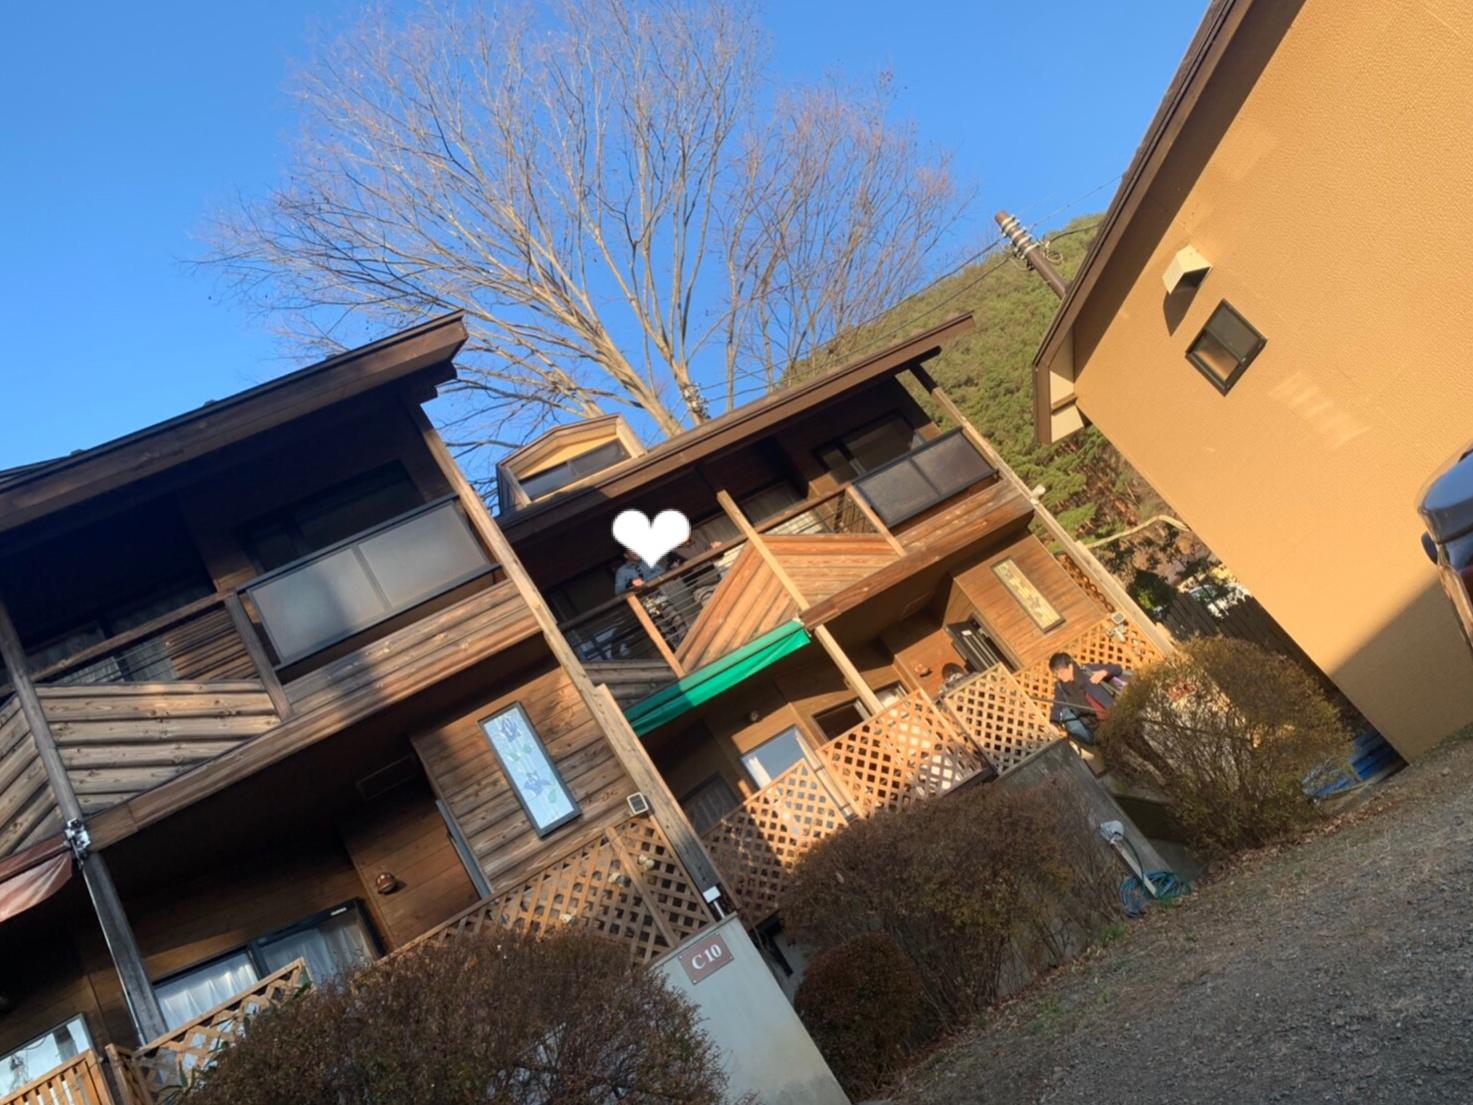 【#河口湖合宿】富士山の目の前のペンションでわいわい一泊旅♩〜宿編〜_2